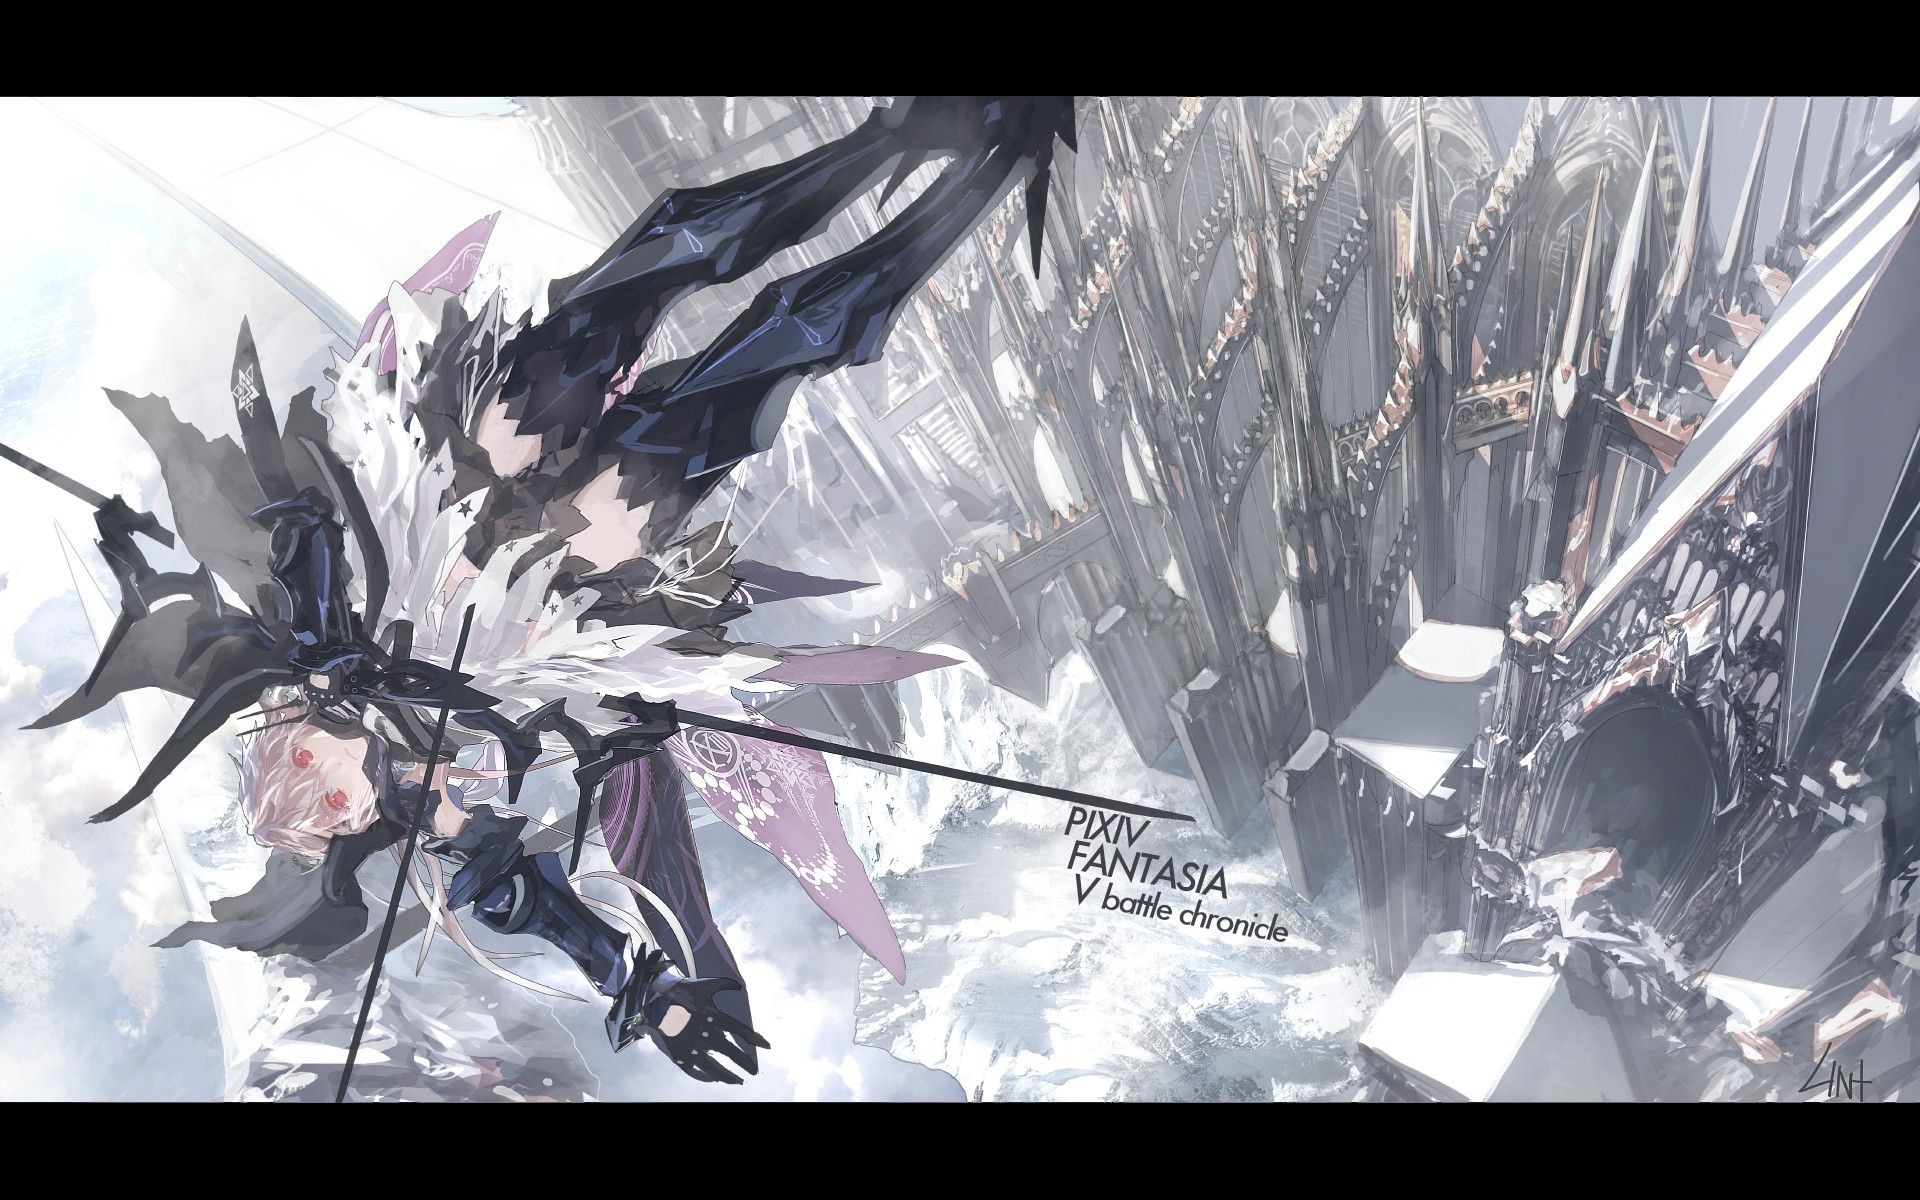 Anime 1920x1200 anime Pixiv Fantasia